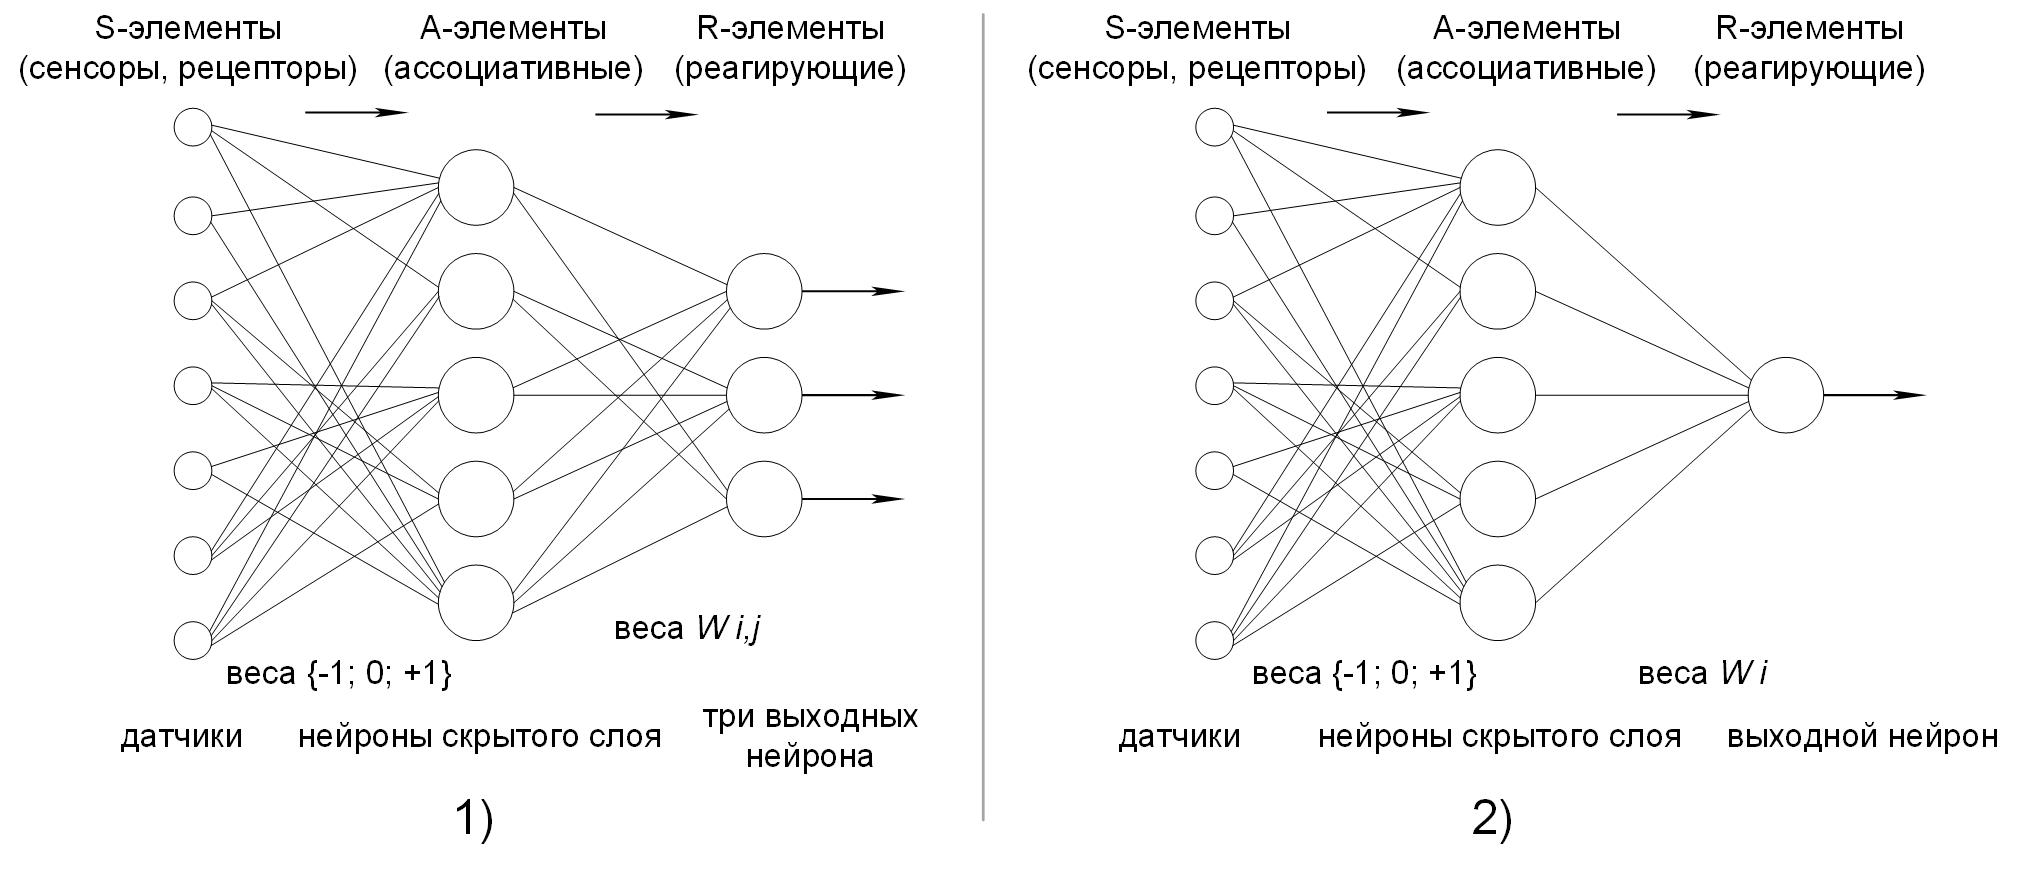 Перцептрон с тремя выходами и элементарный перцептрон